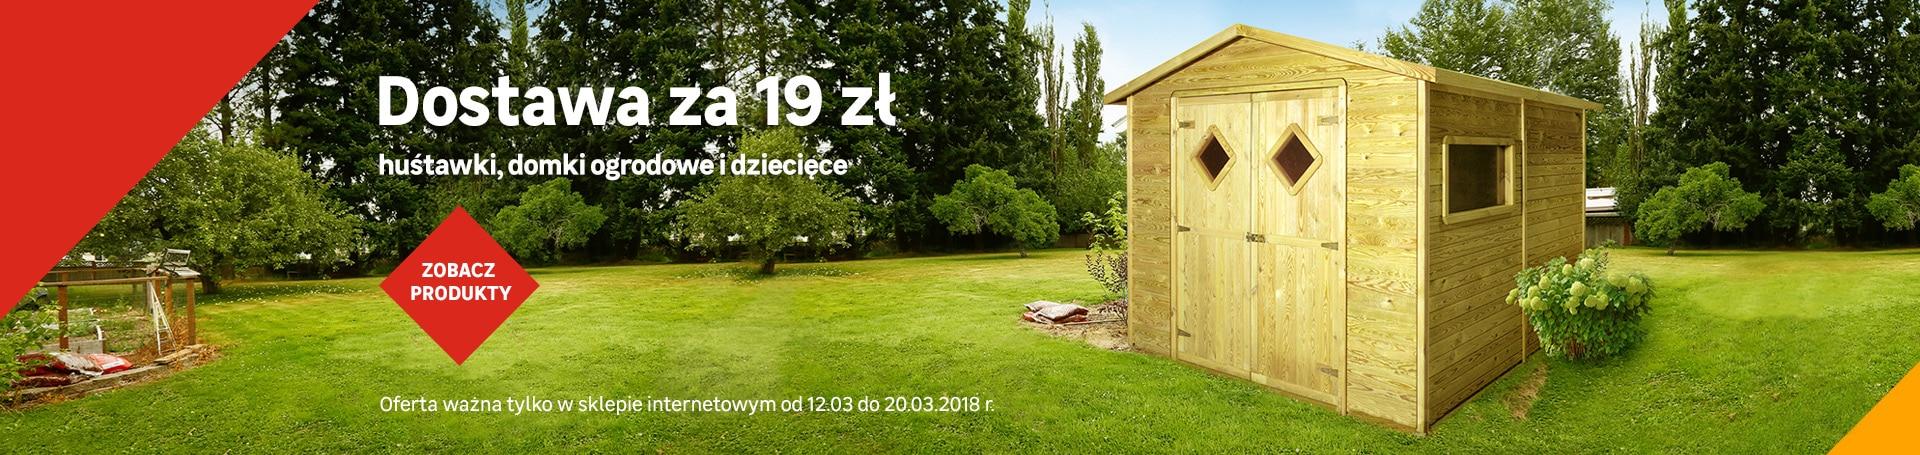 rr-dostawa-domkow-za-19zl-1920x455